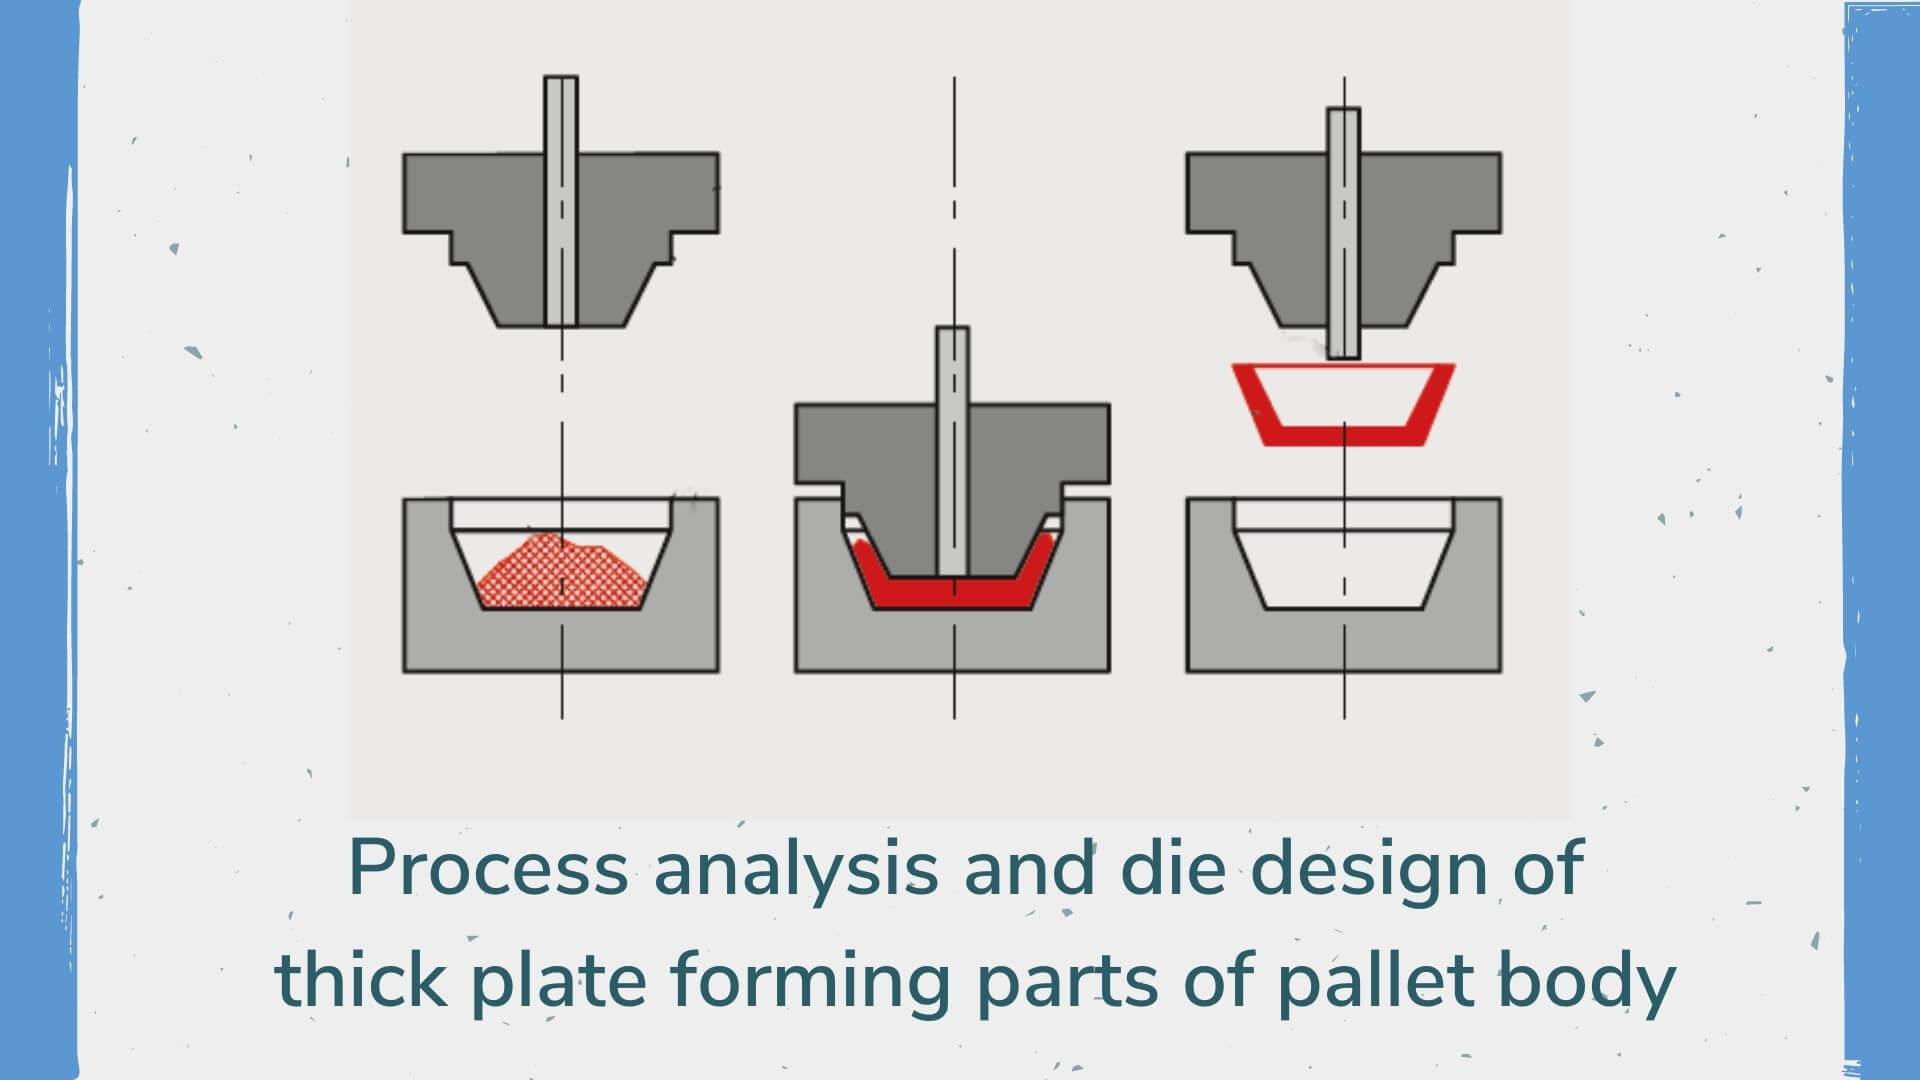 关于厚板成型过程,你永远不会知道的4个秘密